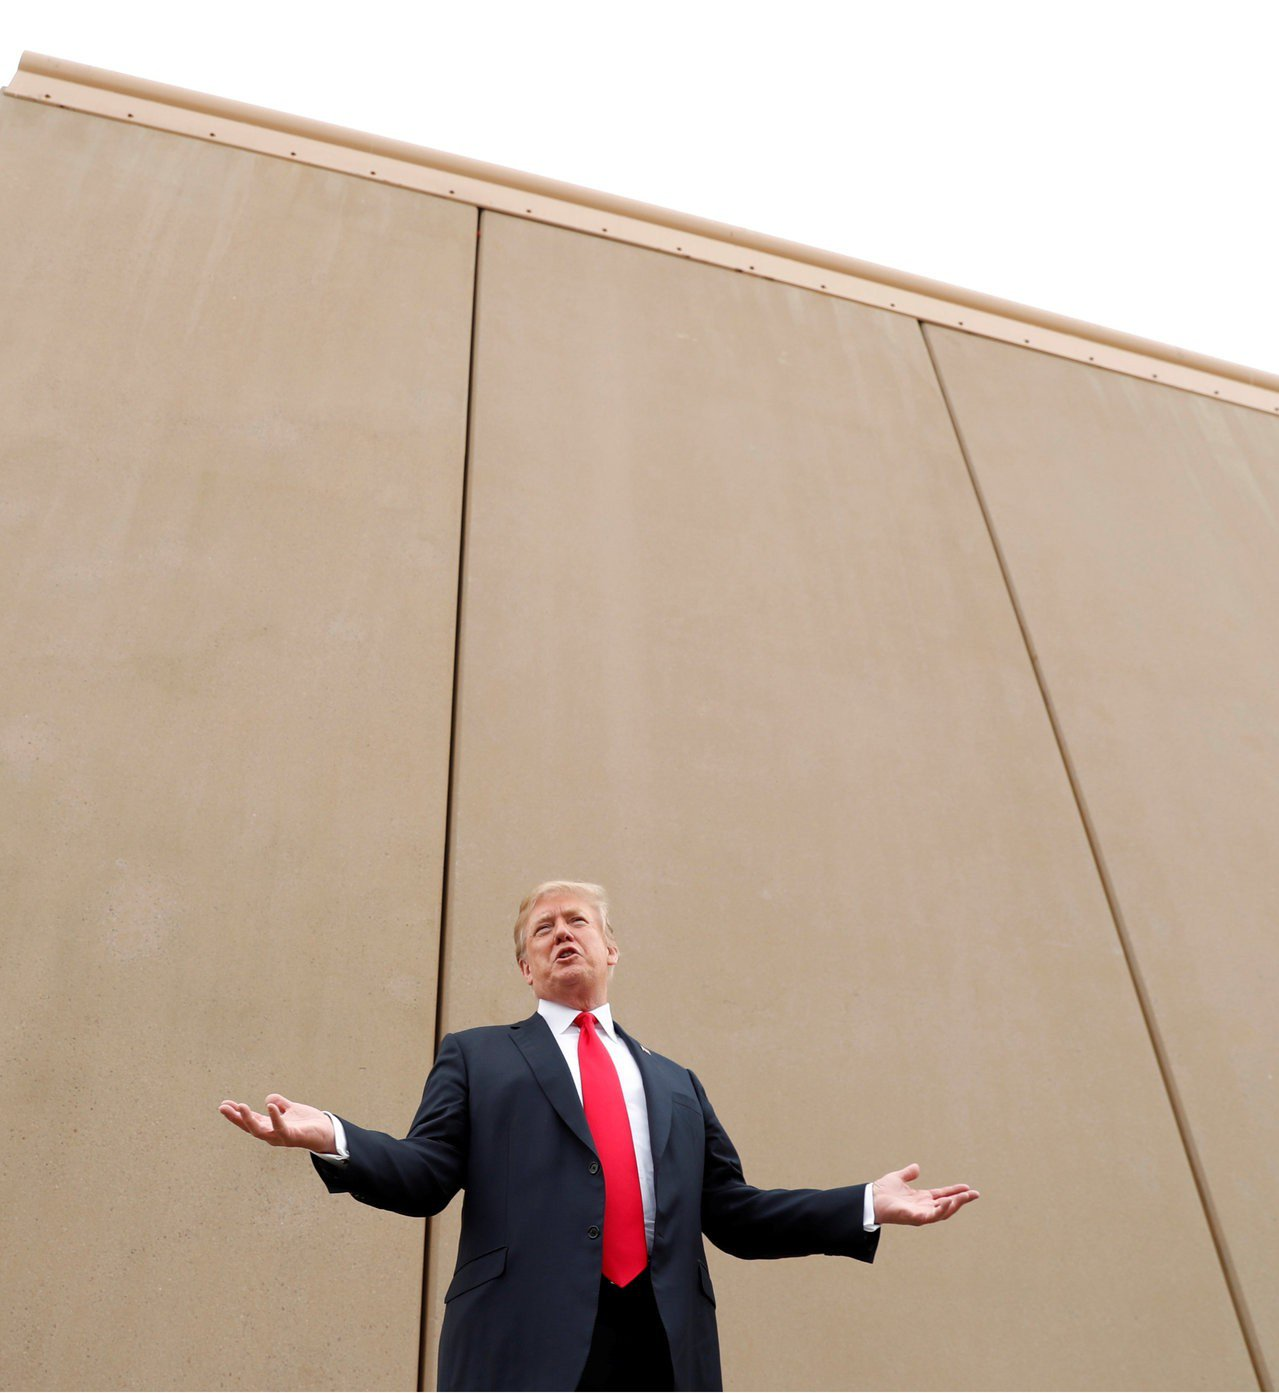 美國總統川普今晚透過全國演說,再次要求國會撥付美墨邊境圍牆預算,民主黨參眾兩院領...